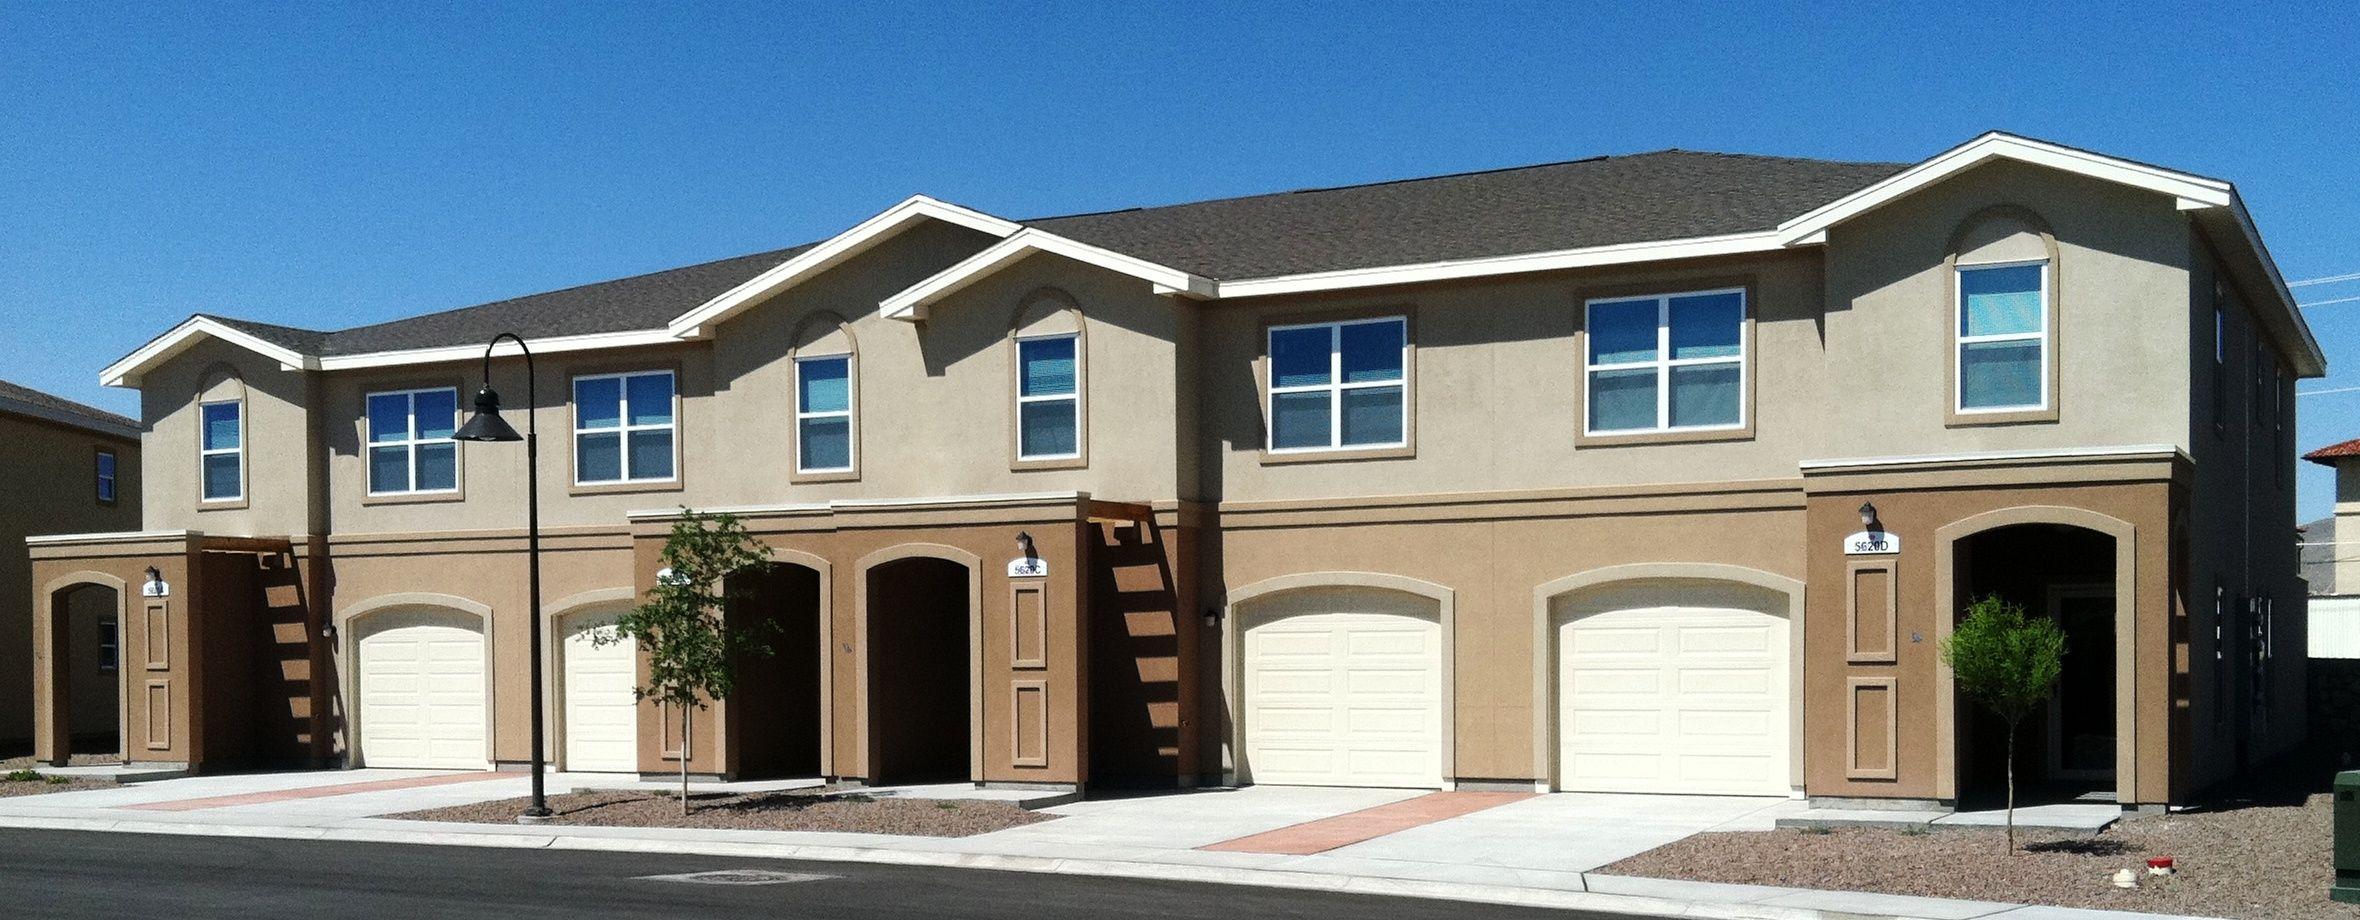 Ft Bliss Military Housing Texas On Pinterest Military